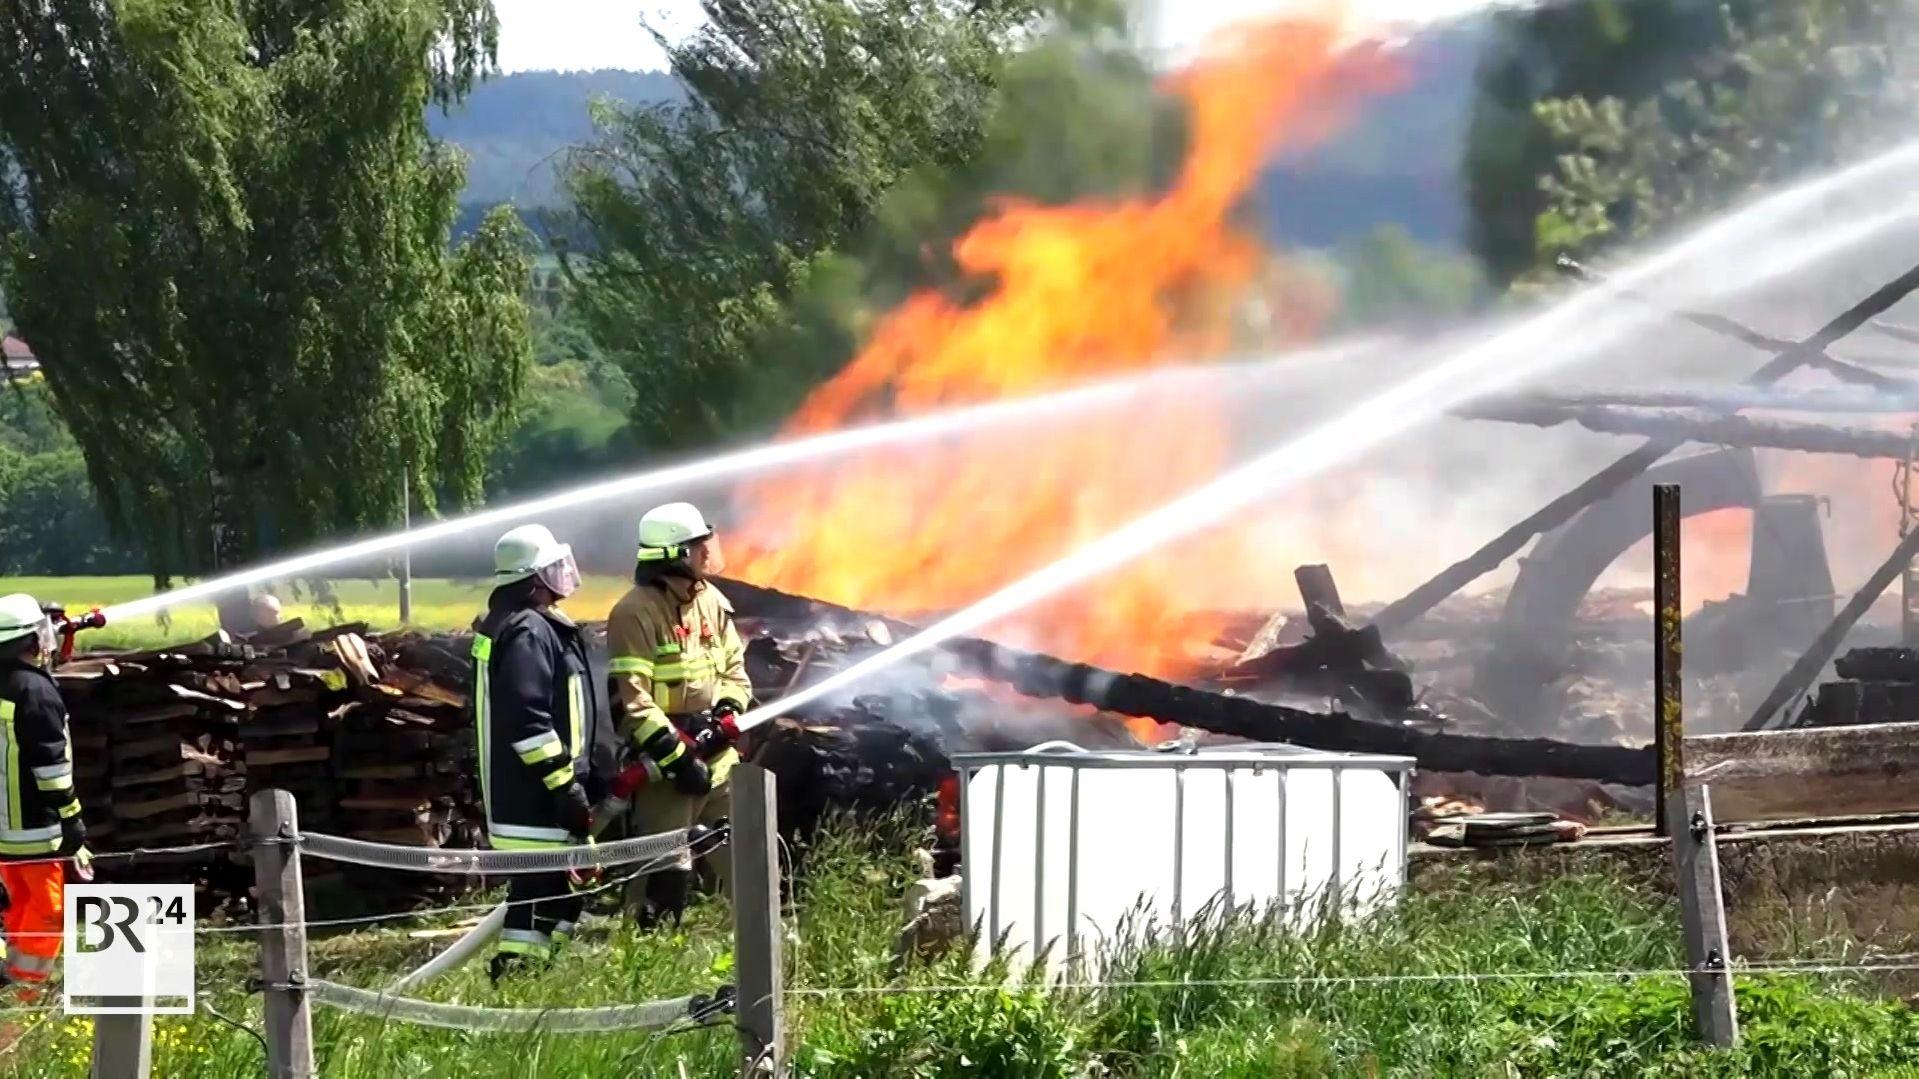 Feuerwehrmänner bei Löscharbeiten - im Hintergrund Sind Schutt und Flammen zu sehen.